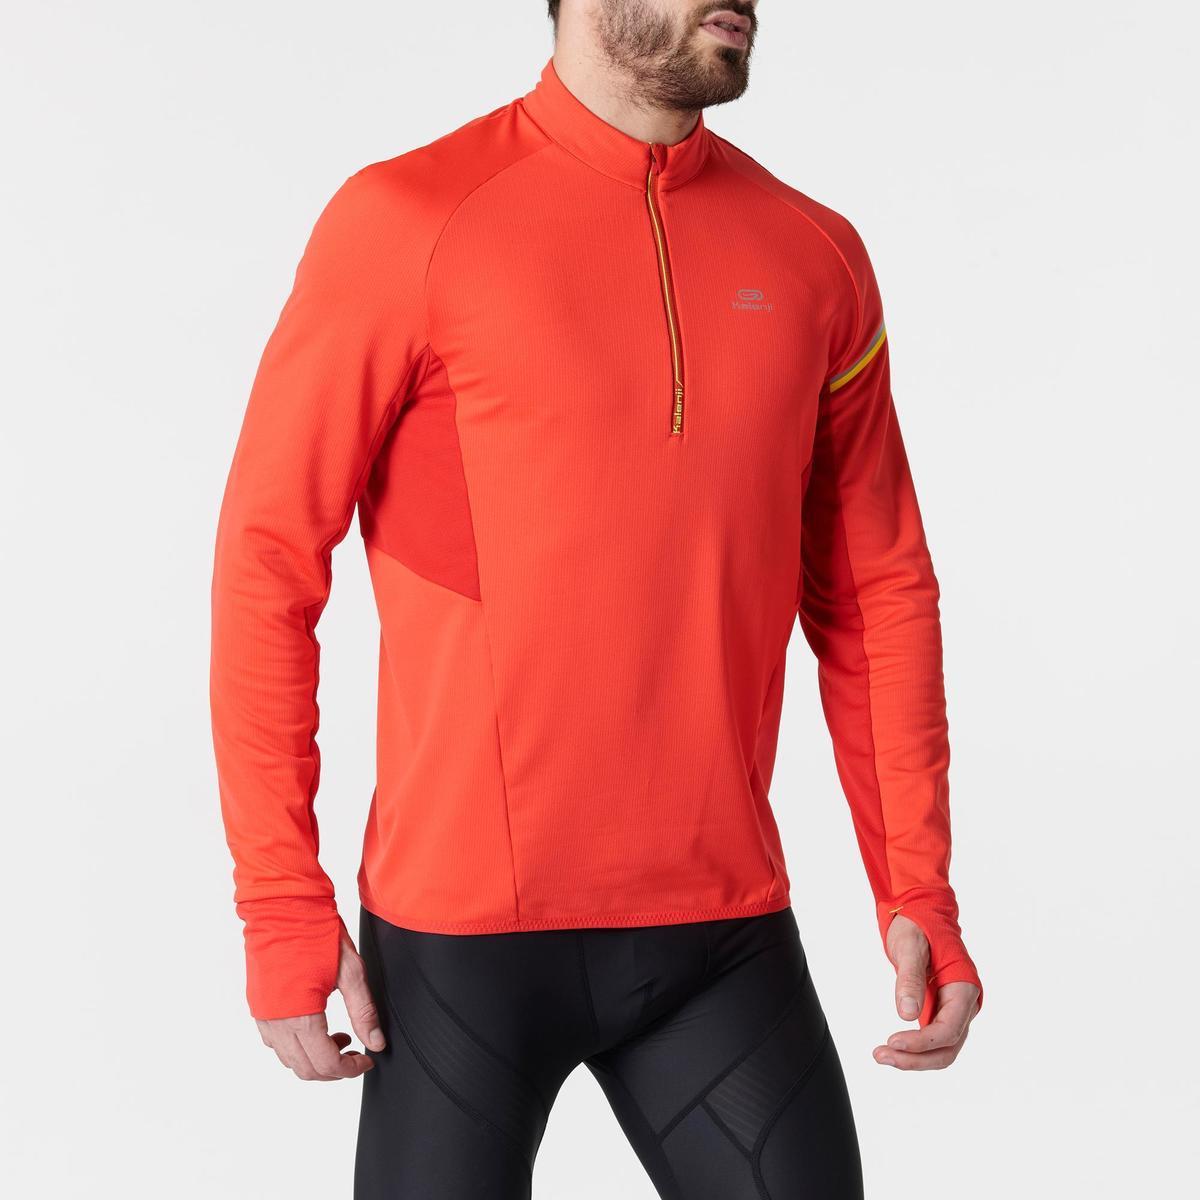 Bild 3 von Laufshirt langarm Kiprun Warm Light Herren rot